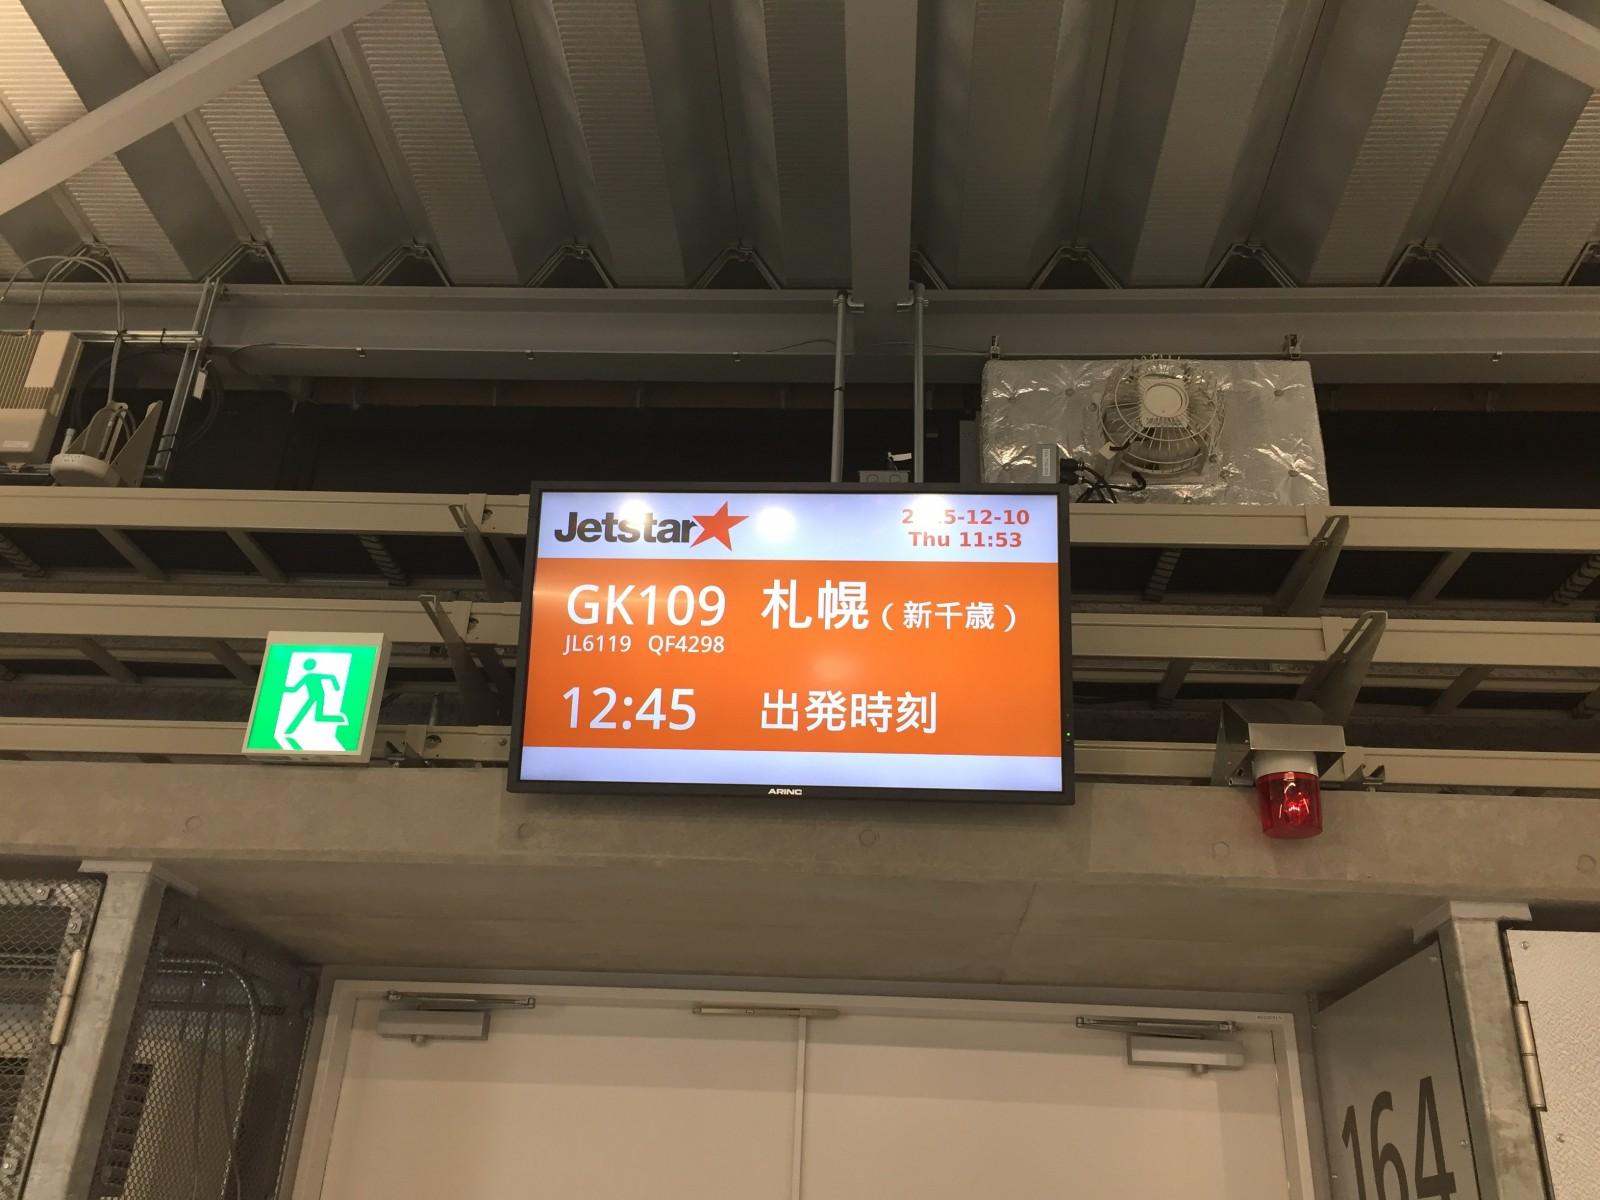 冬の北海道&東日本パス旅行記2015 その2 ジェットスタージャパン109便 成田→新千歳 搭乗記